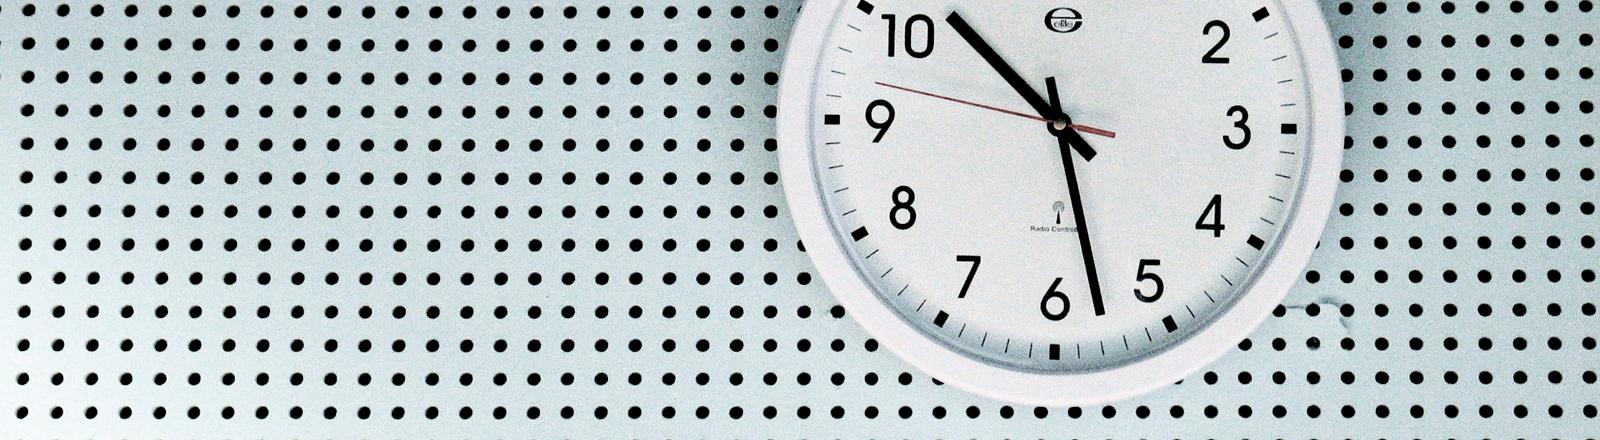 Uhr, die auf halb elf steht.